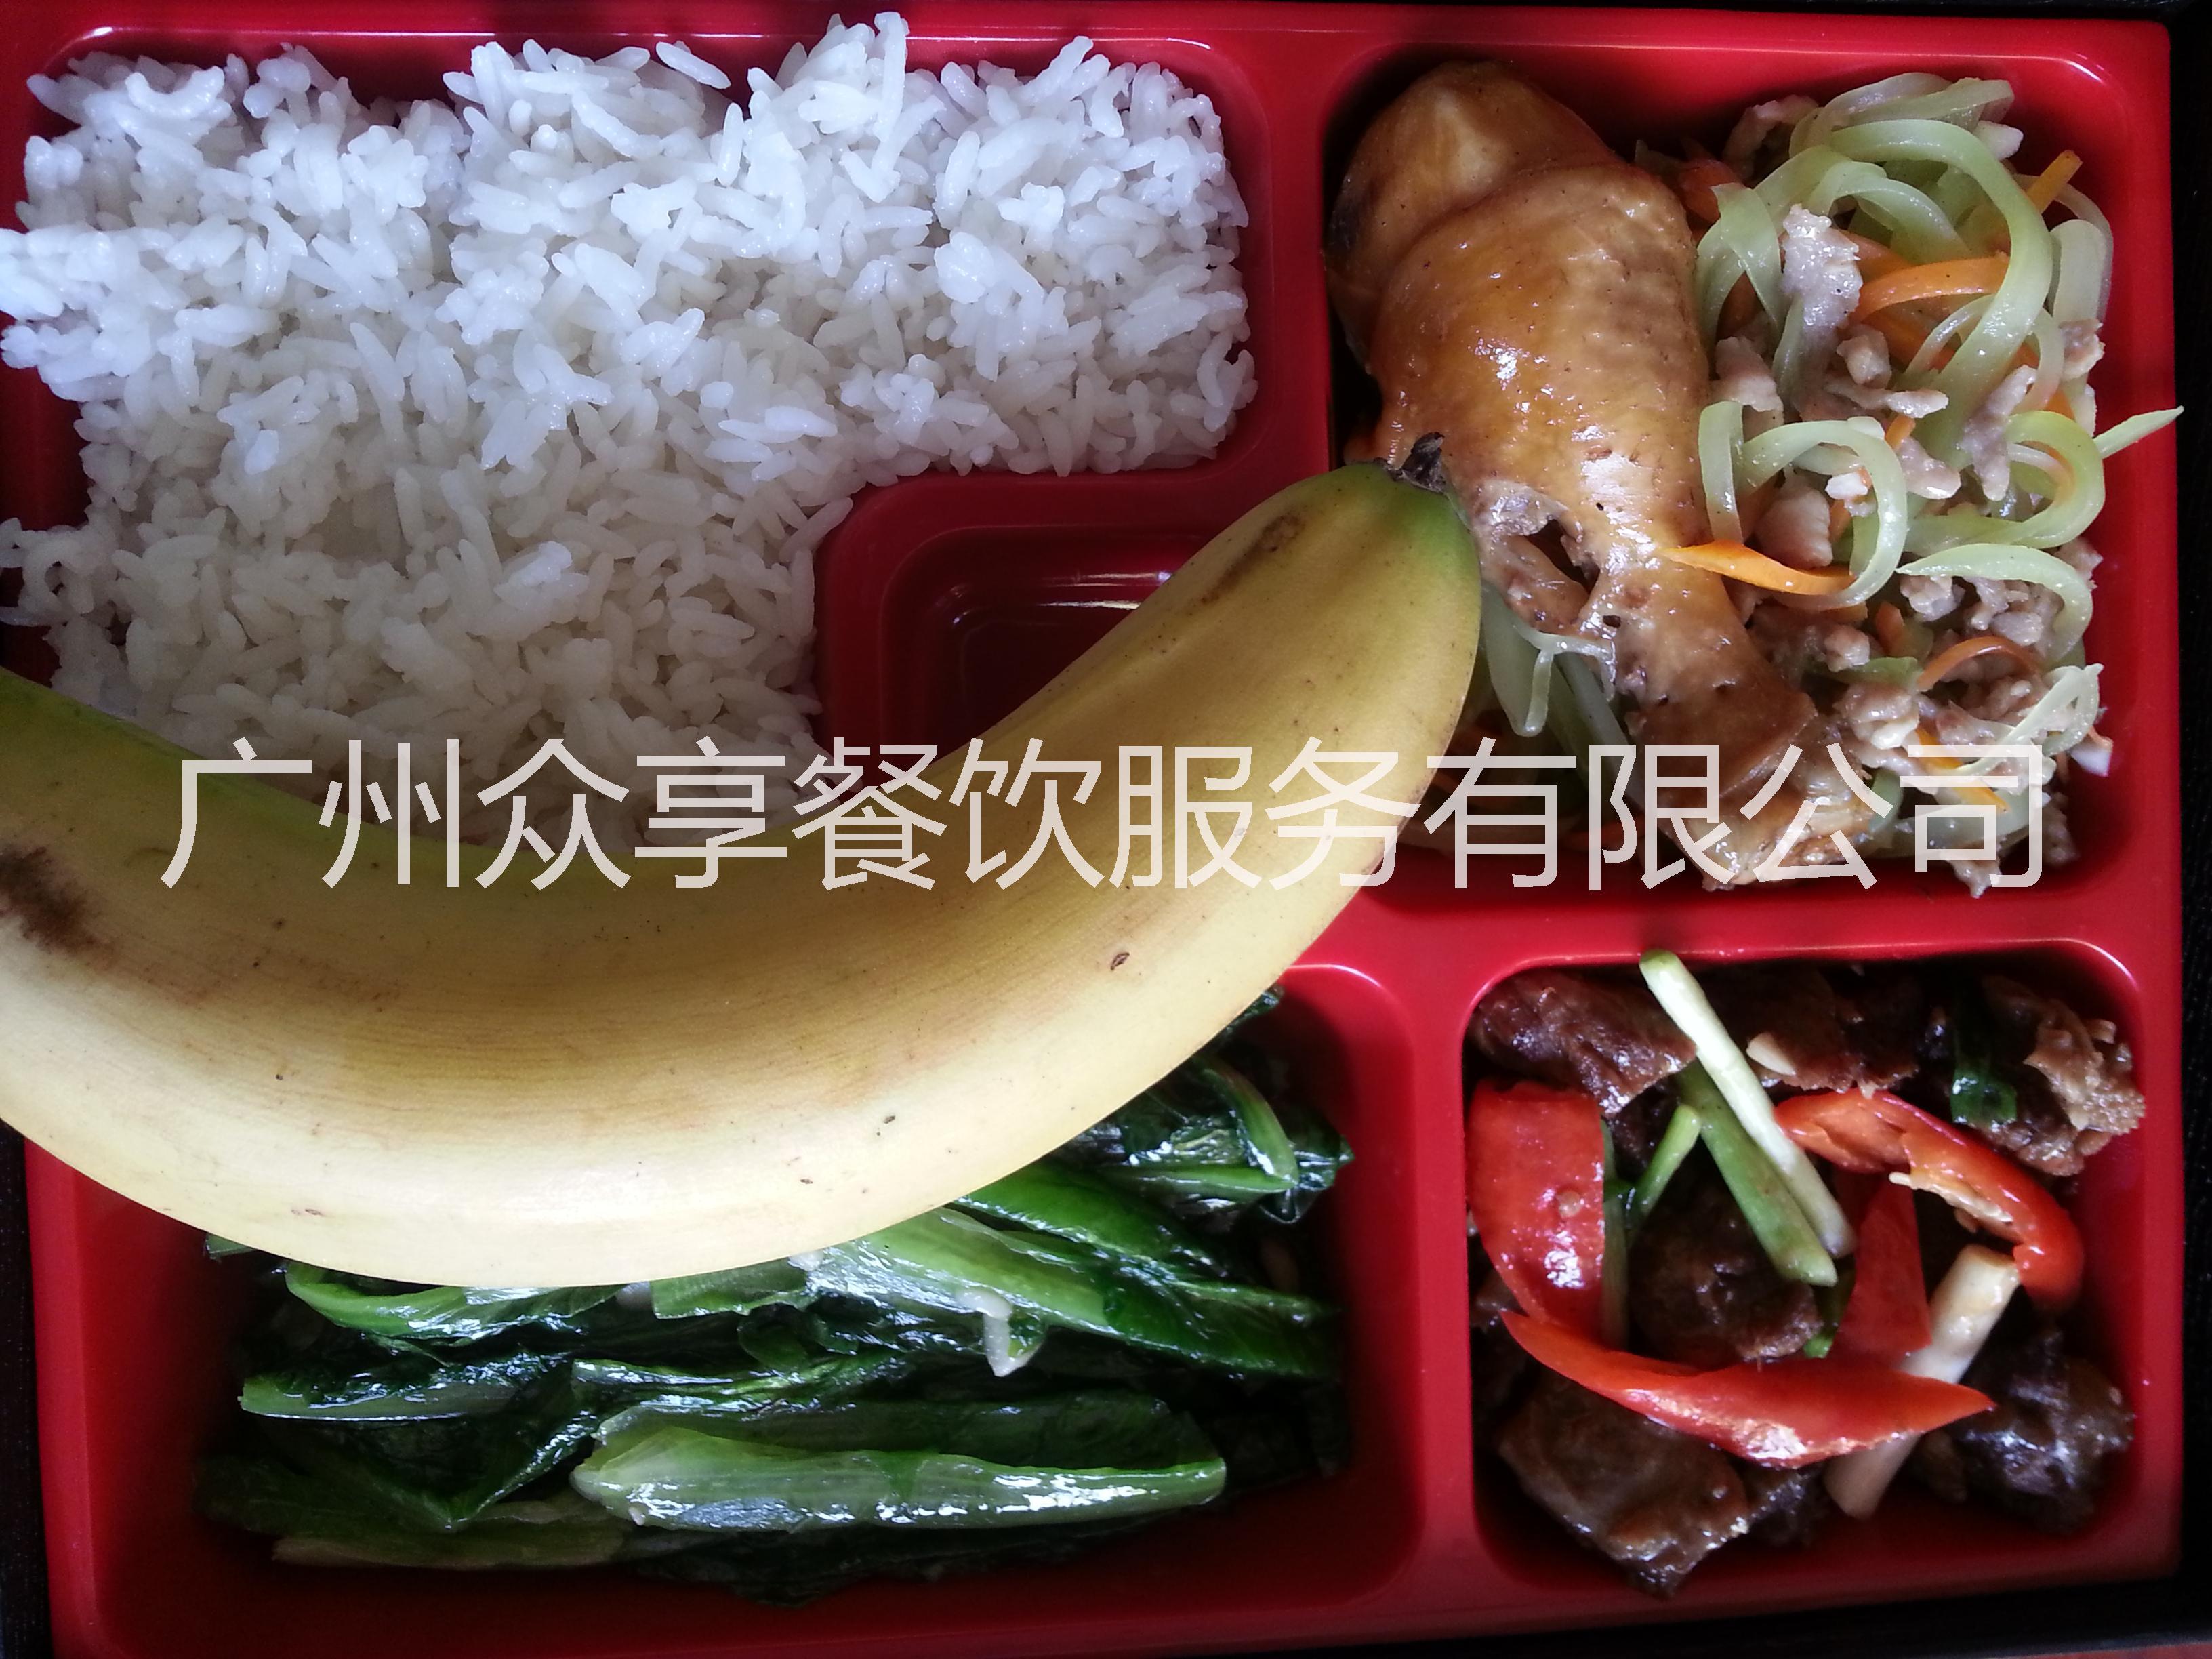 广州黄埔区快餐配送